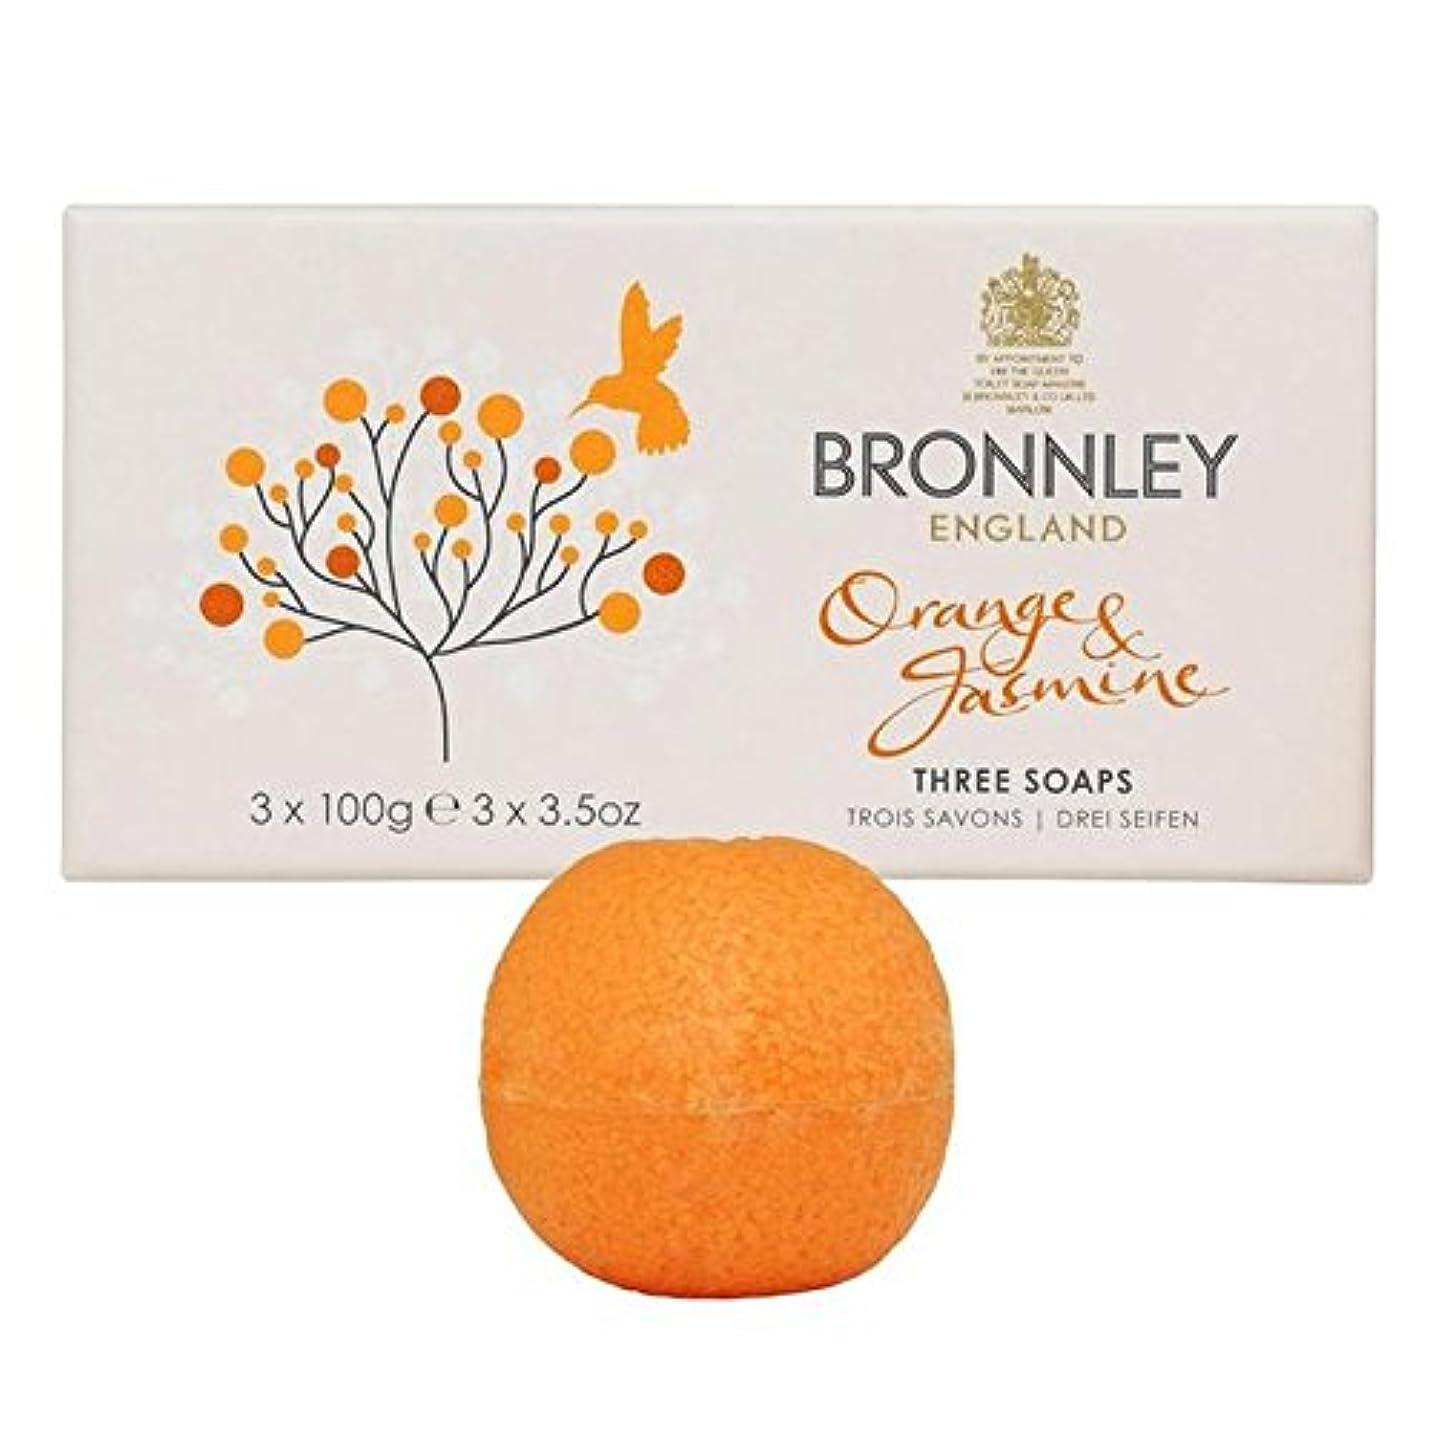 引っ張るくさび荒涼としたオレンジ&ジャスミン石鹸3×100グラム x2 - Bronnley Orange & Jasmine Soaps 3 x 100g (Pack of 2) [並行輸入品]